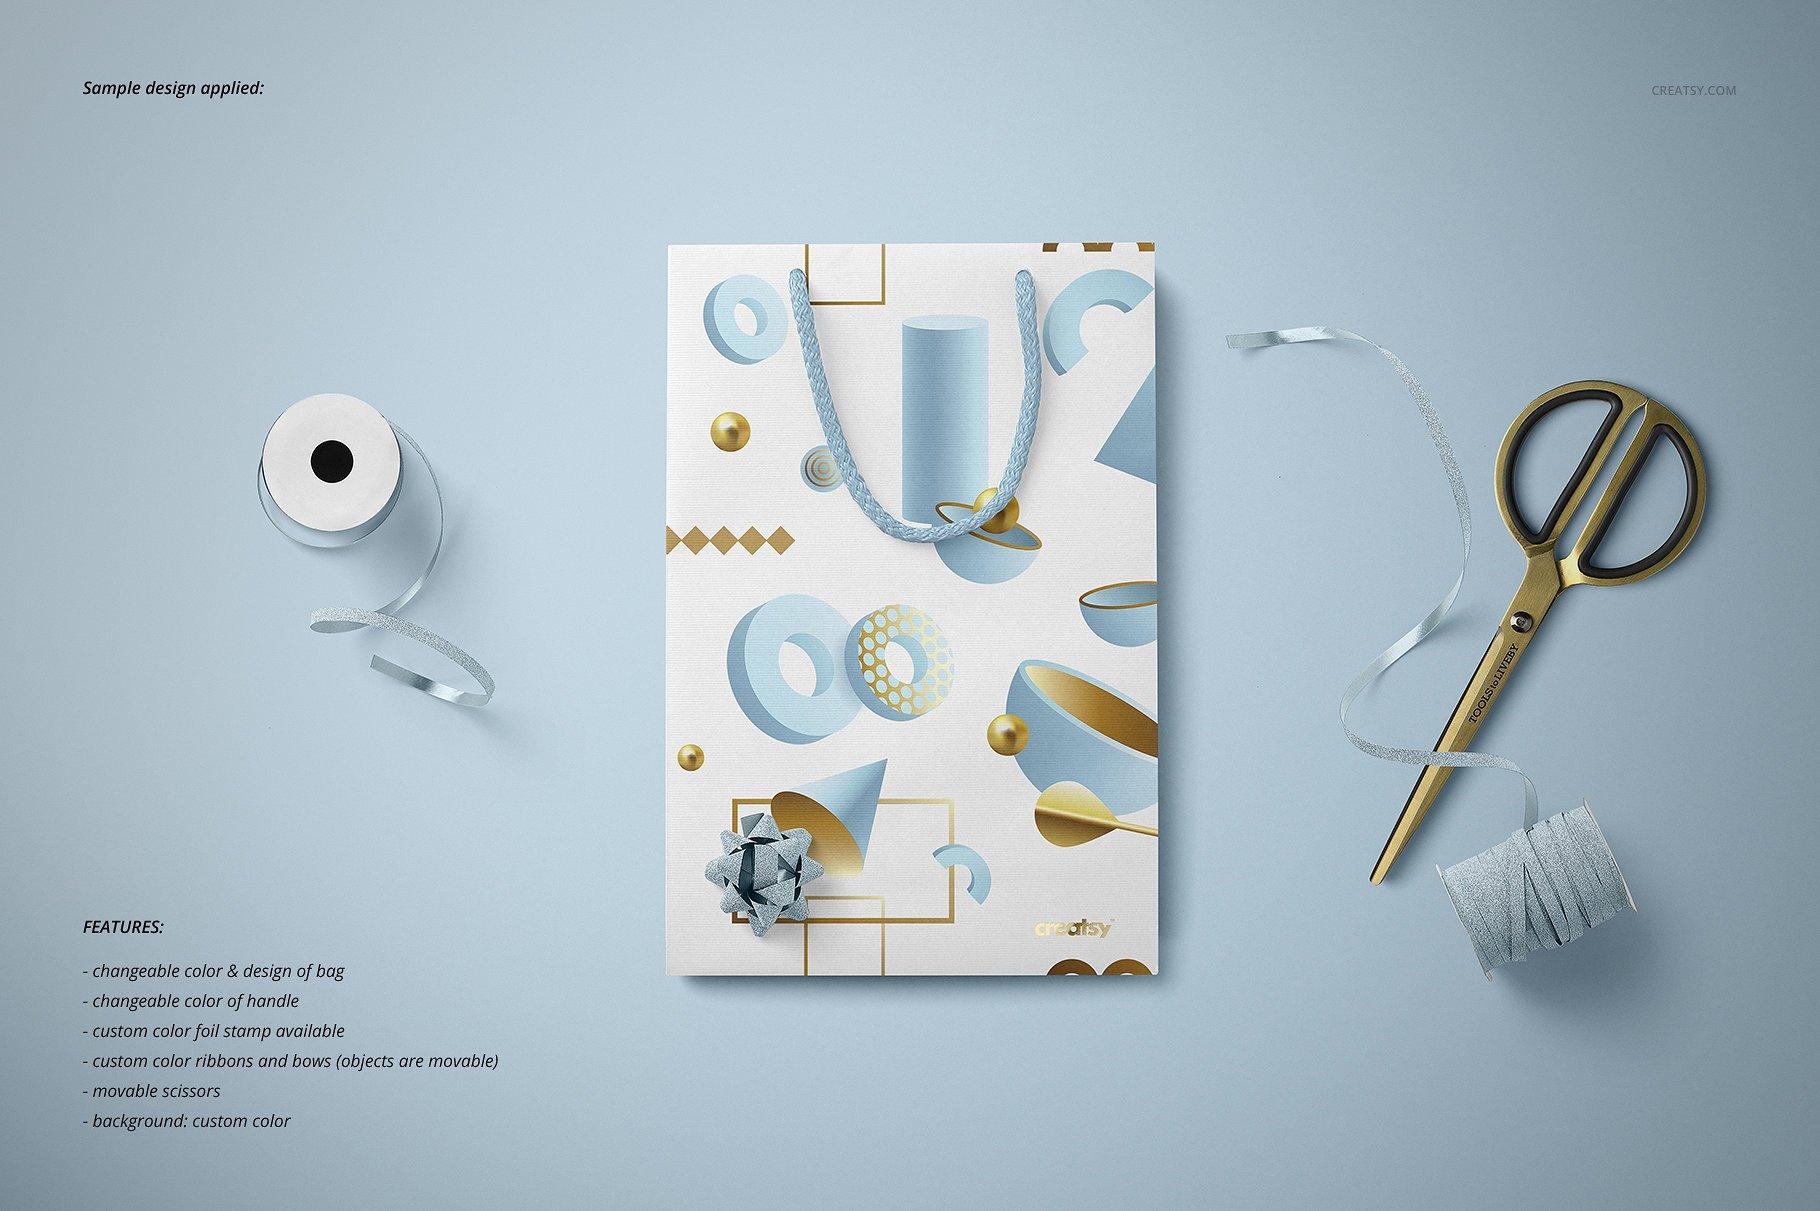 手提袋样机PSD智能贴图模板 Paper Bags Mockup (gifting edition)插图(13)